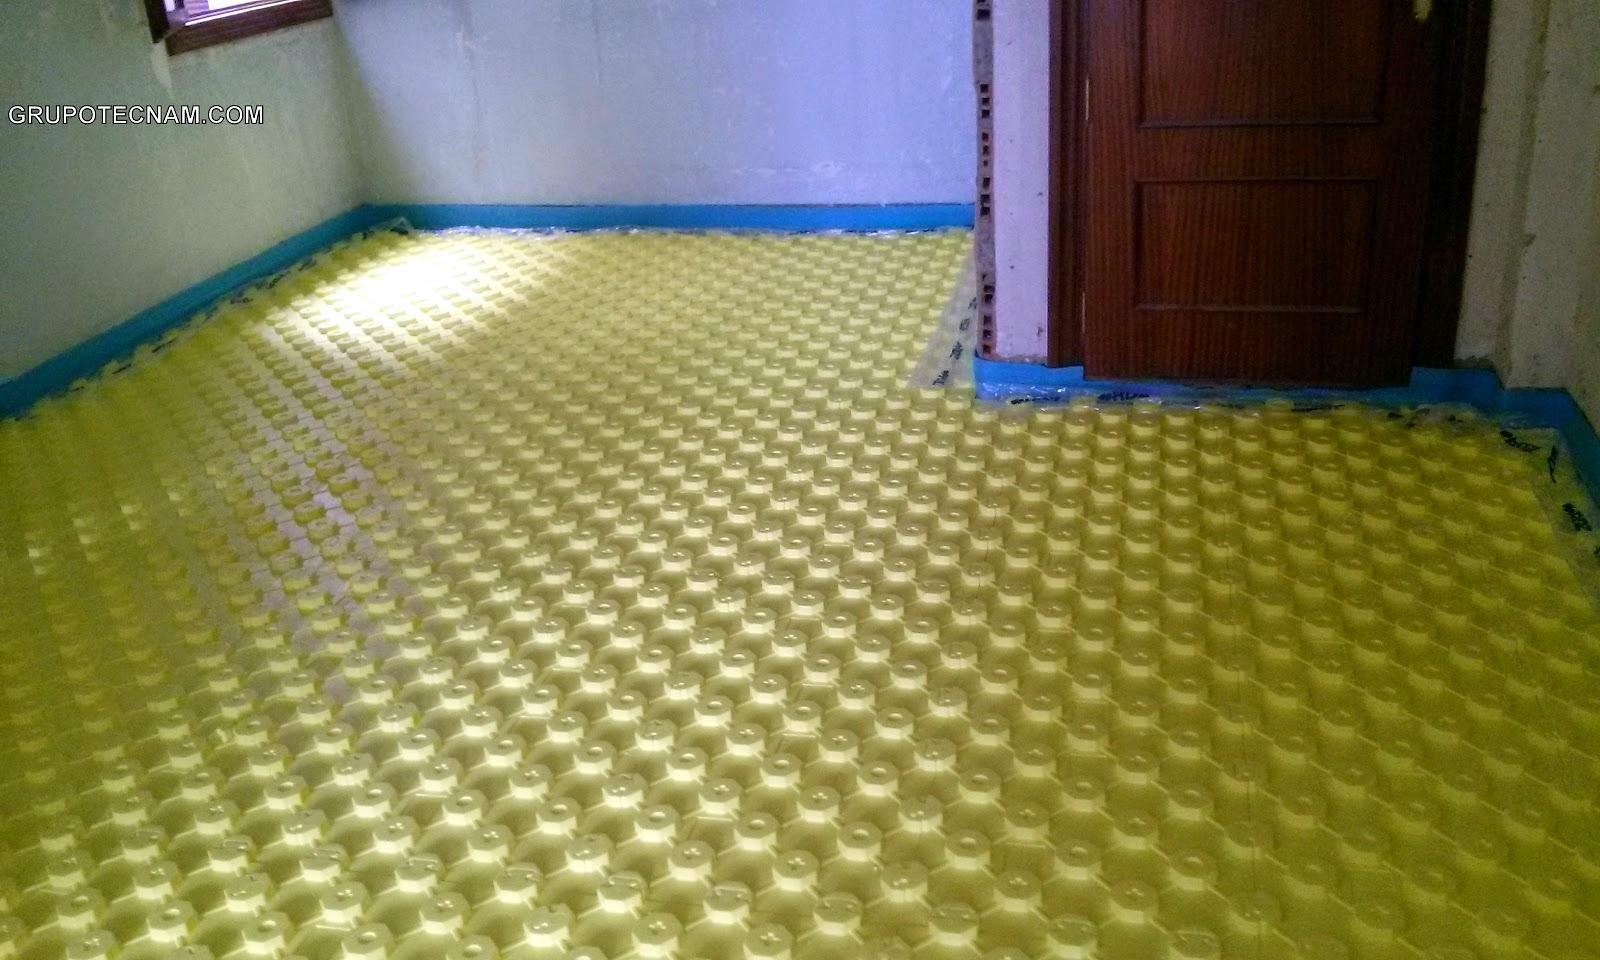 Instalamos bienestar calefacci n por suelo radiante en - Calefaccion por hilo radiante ...